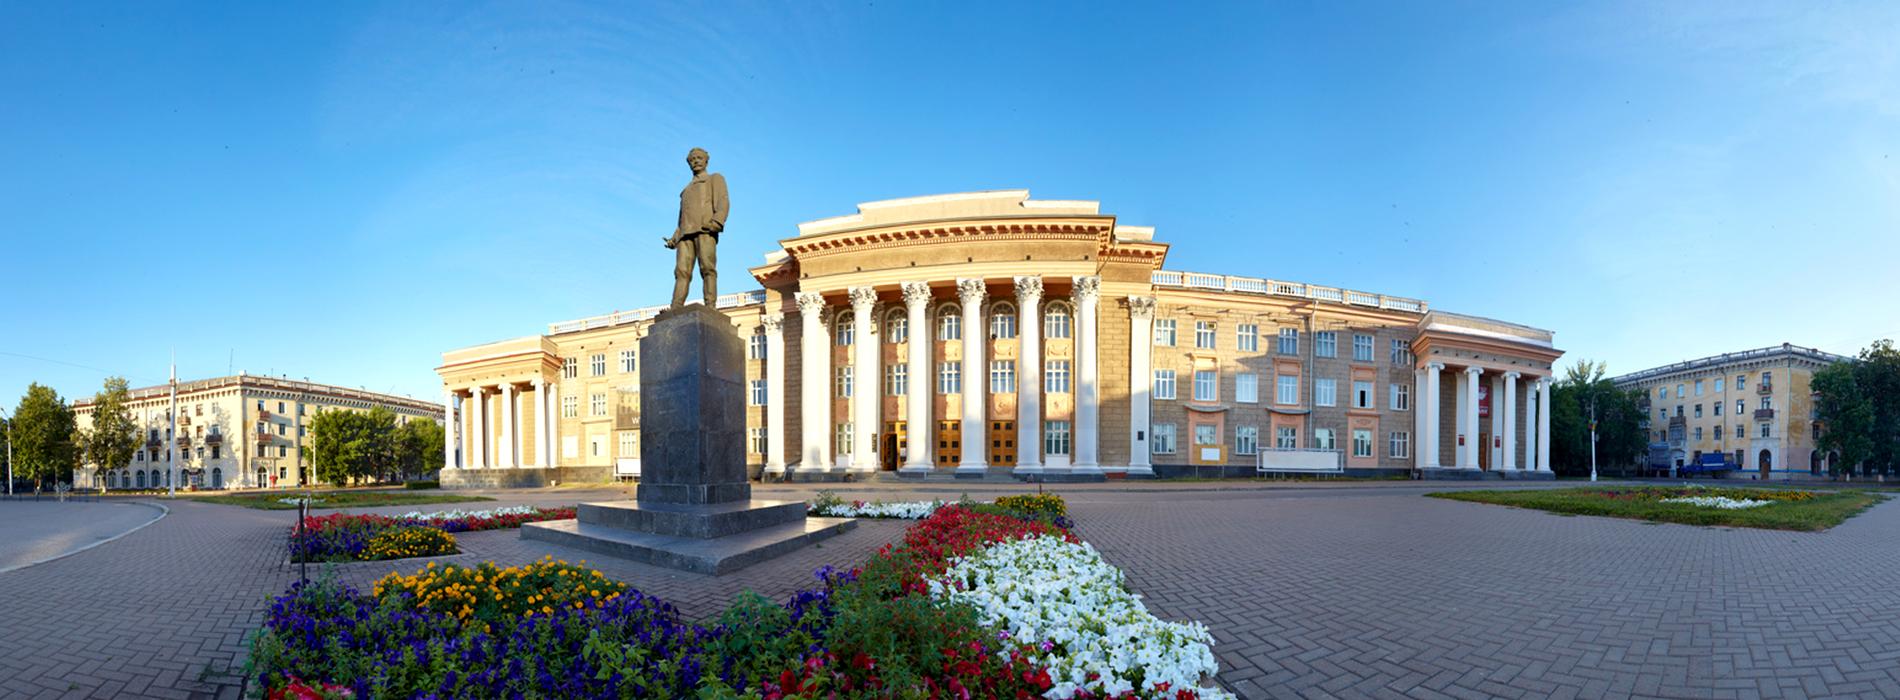 Авиабилеты Краснодар — Уфа, купить билеты на самолет туда и обратно, цены и расписание рейсов